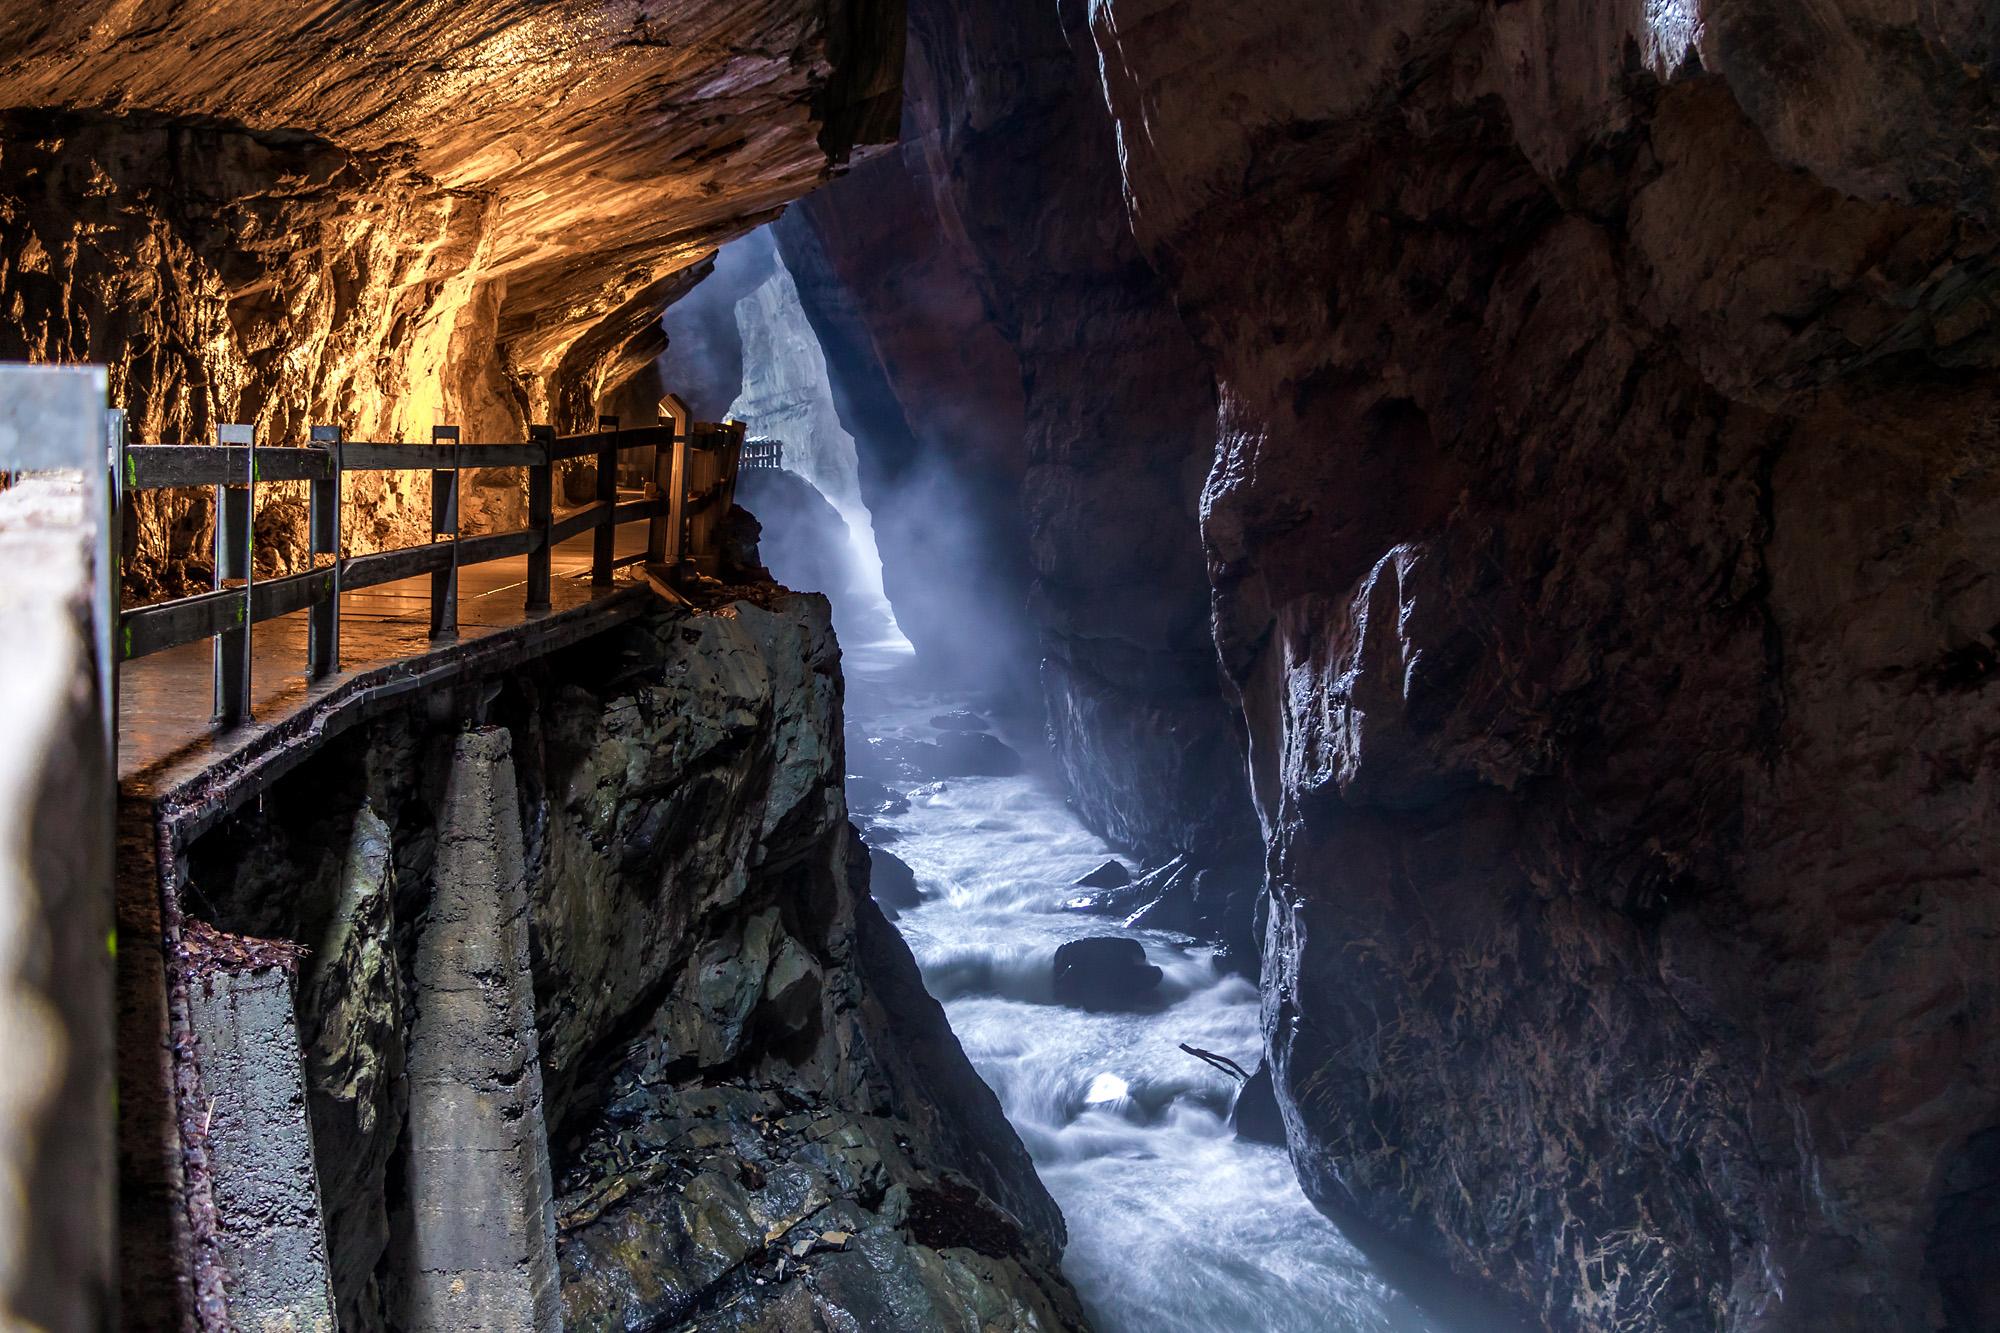 Richtig mystisch ist es hier, tief drin im Fels!